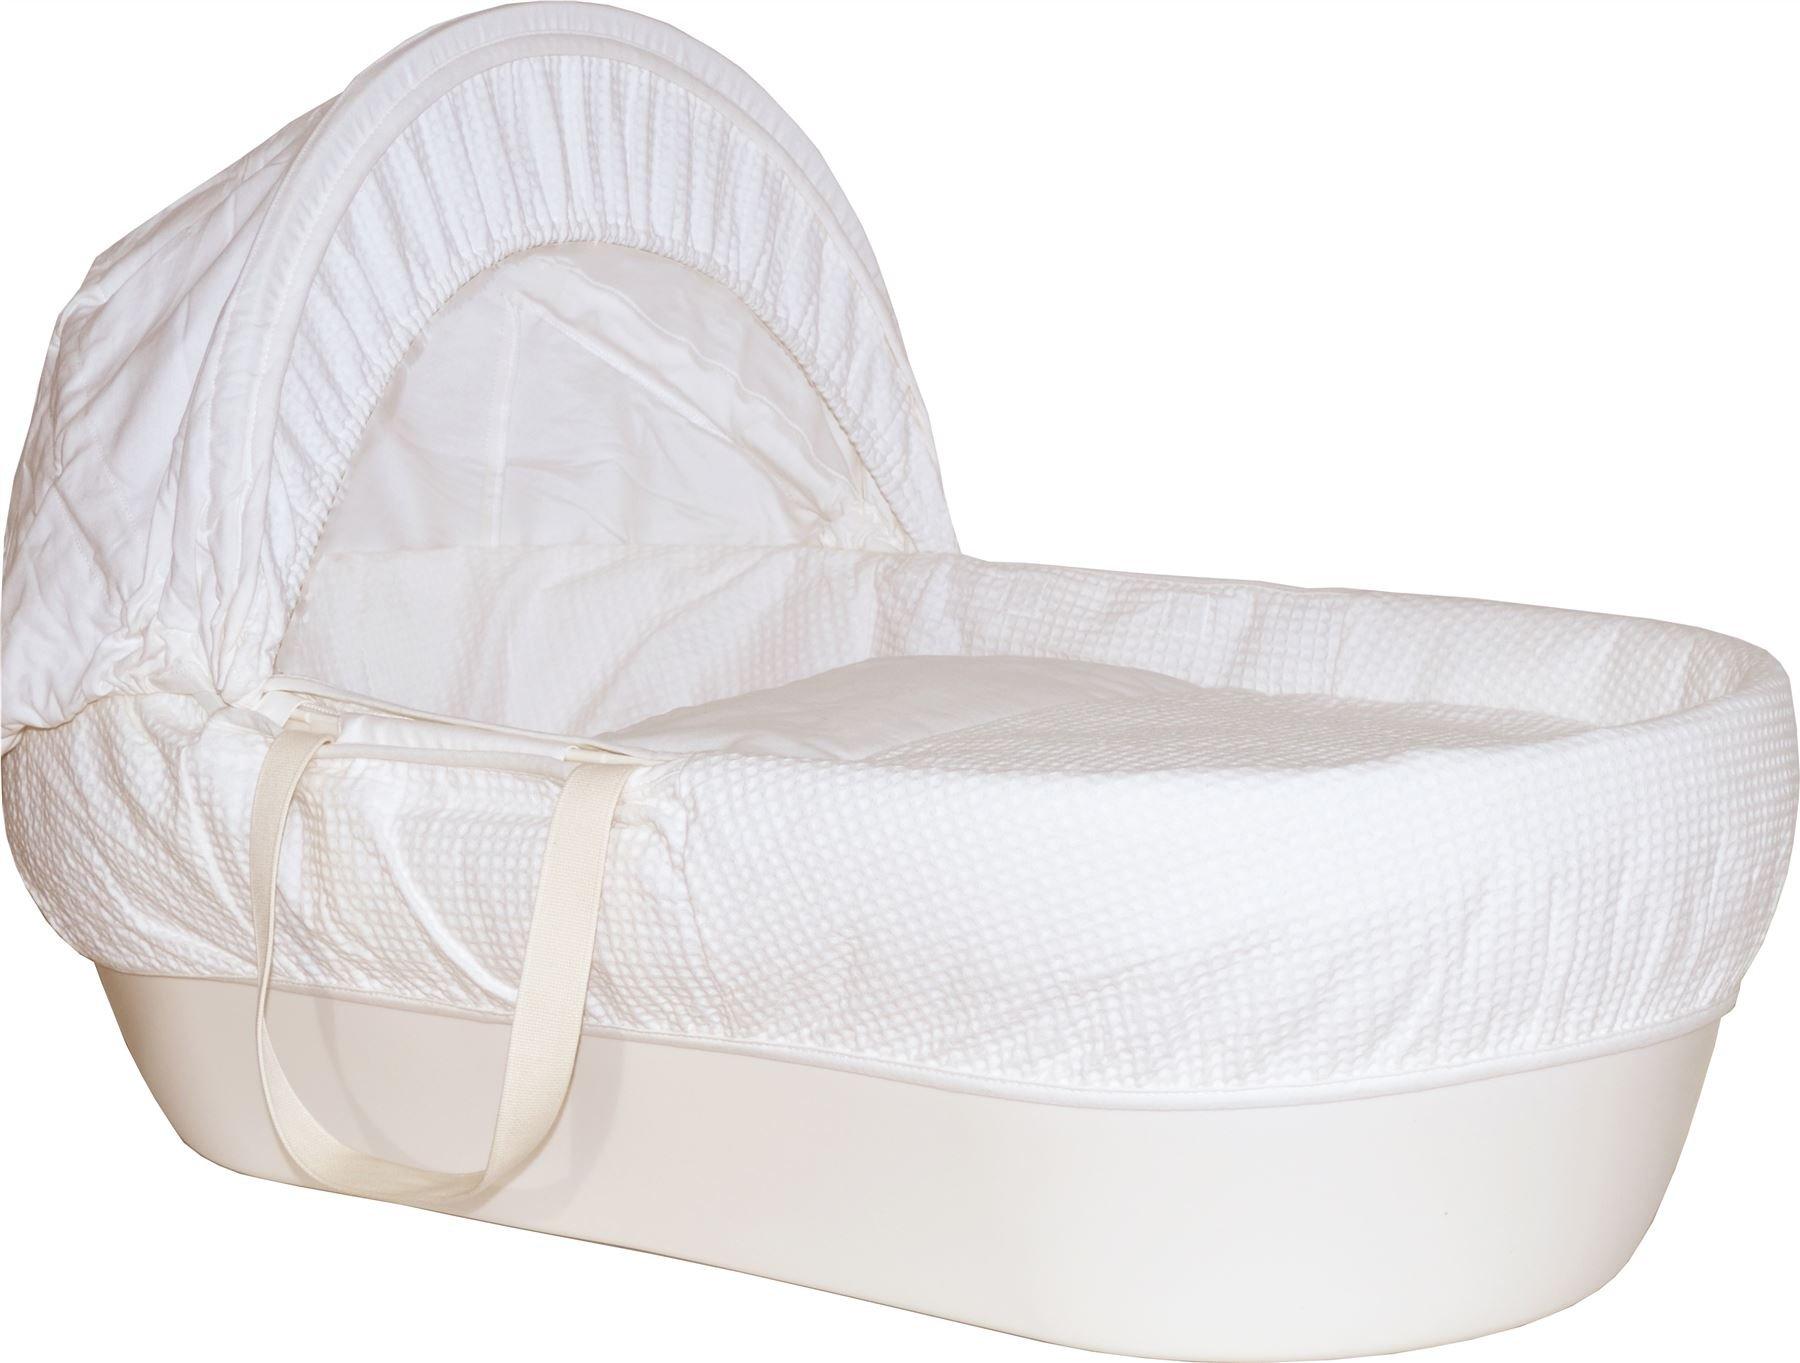 Shnuggle Basket Cream With White Waffle Dressings